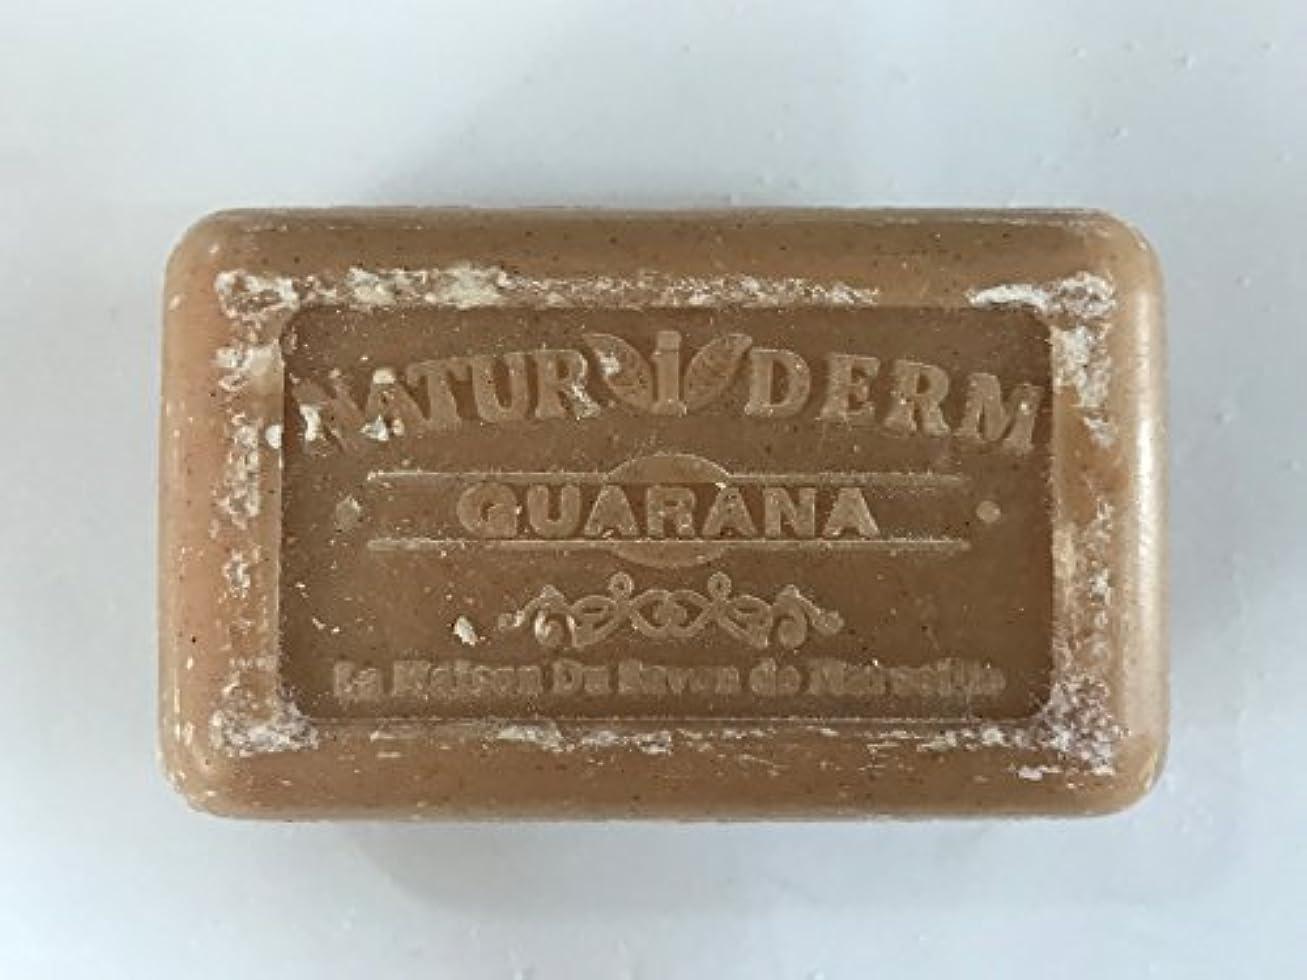 開業医ランプ公園Savon de Marseille Naturiderm Soap Guarana 125g